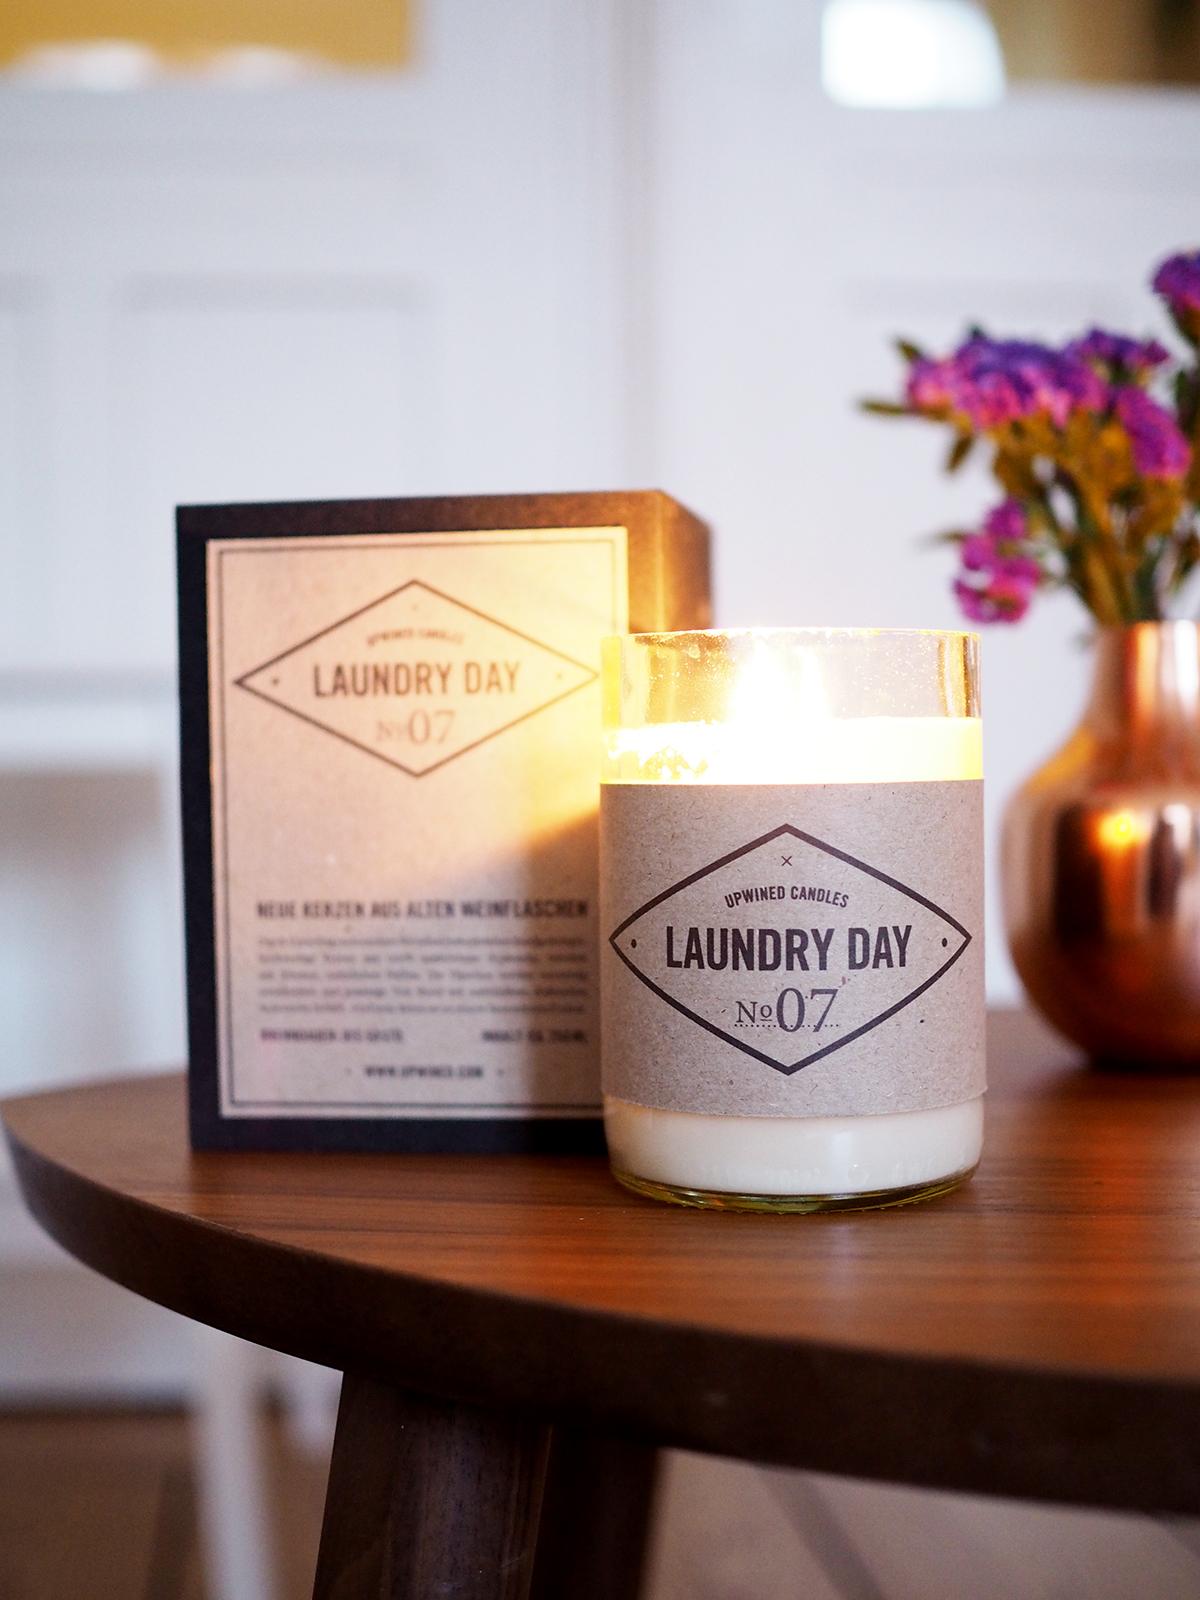 Upwined Candles / Foxycheeks